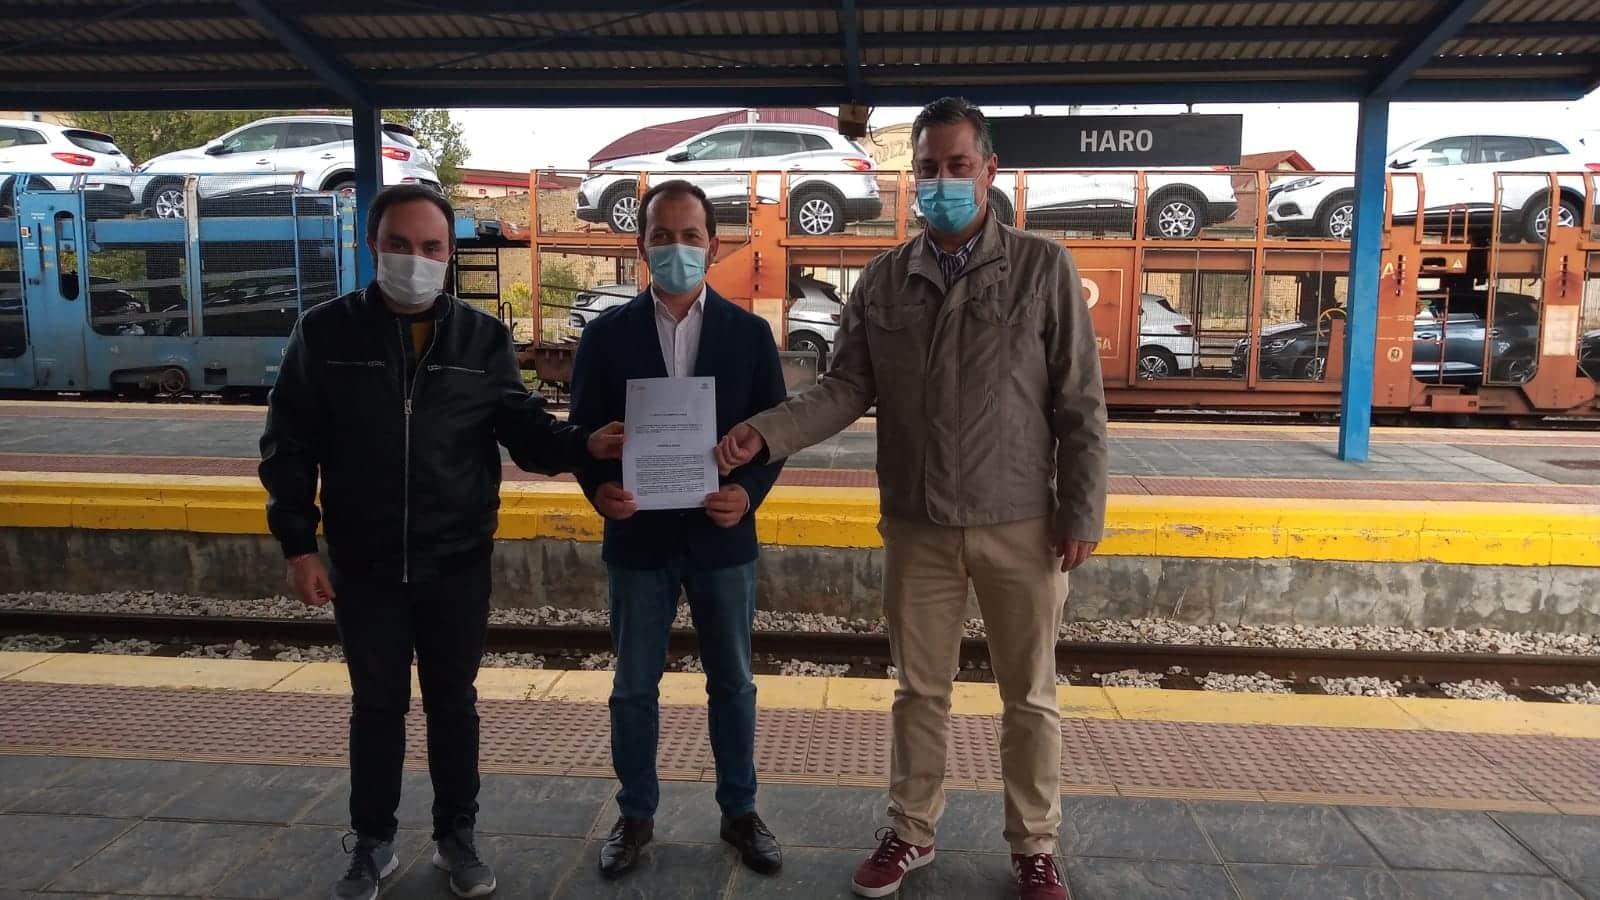 Ciudadanos exige al Gobierno riojano que actúe para que la estación de tren de Haro vuelva a prestar servicio 1